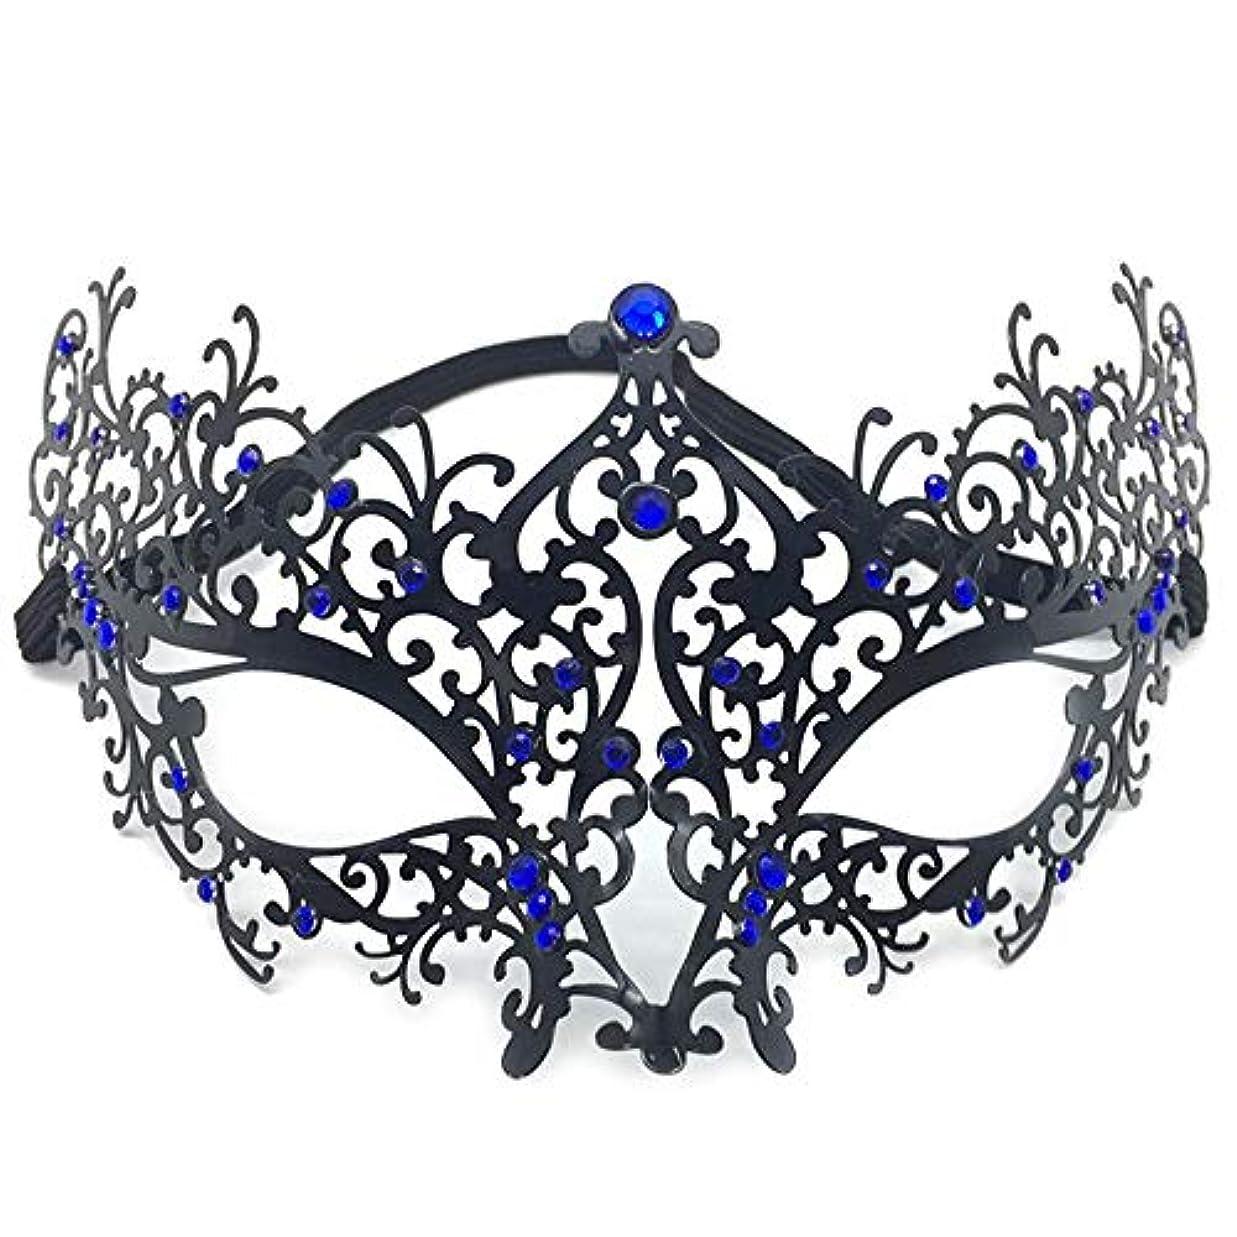 壁紙トレード格差ハロウィーンマスク仮装アイアンマスクパーティードレスアップメタルダイヤモンドハーフフェイスマスク (Color : WHITE)